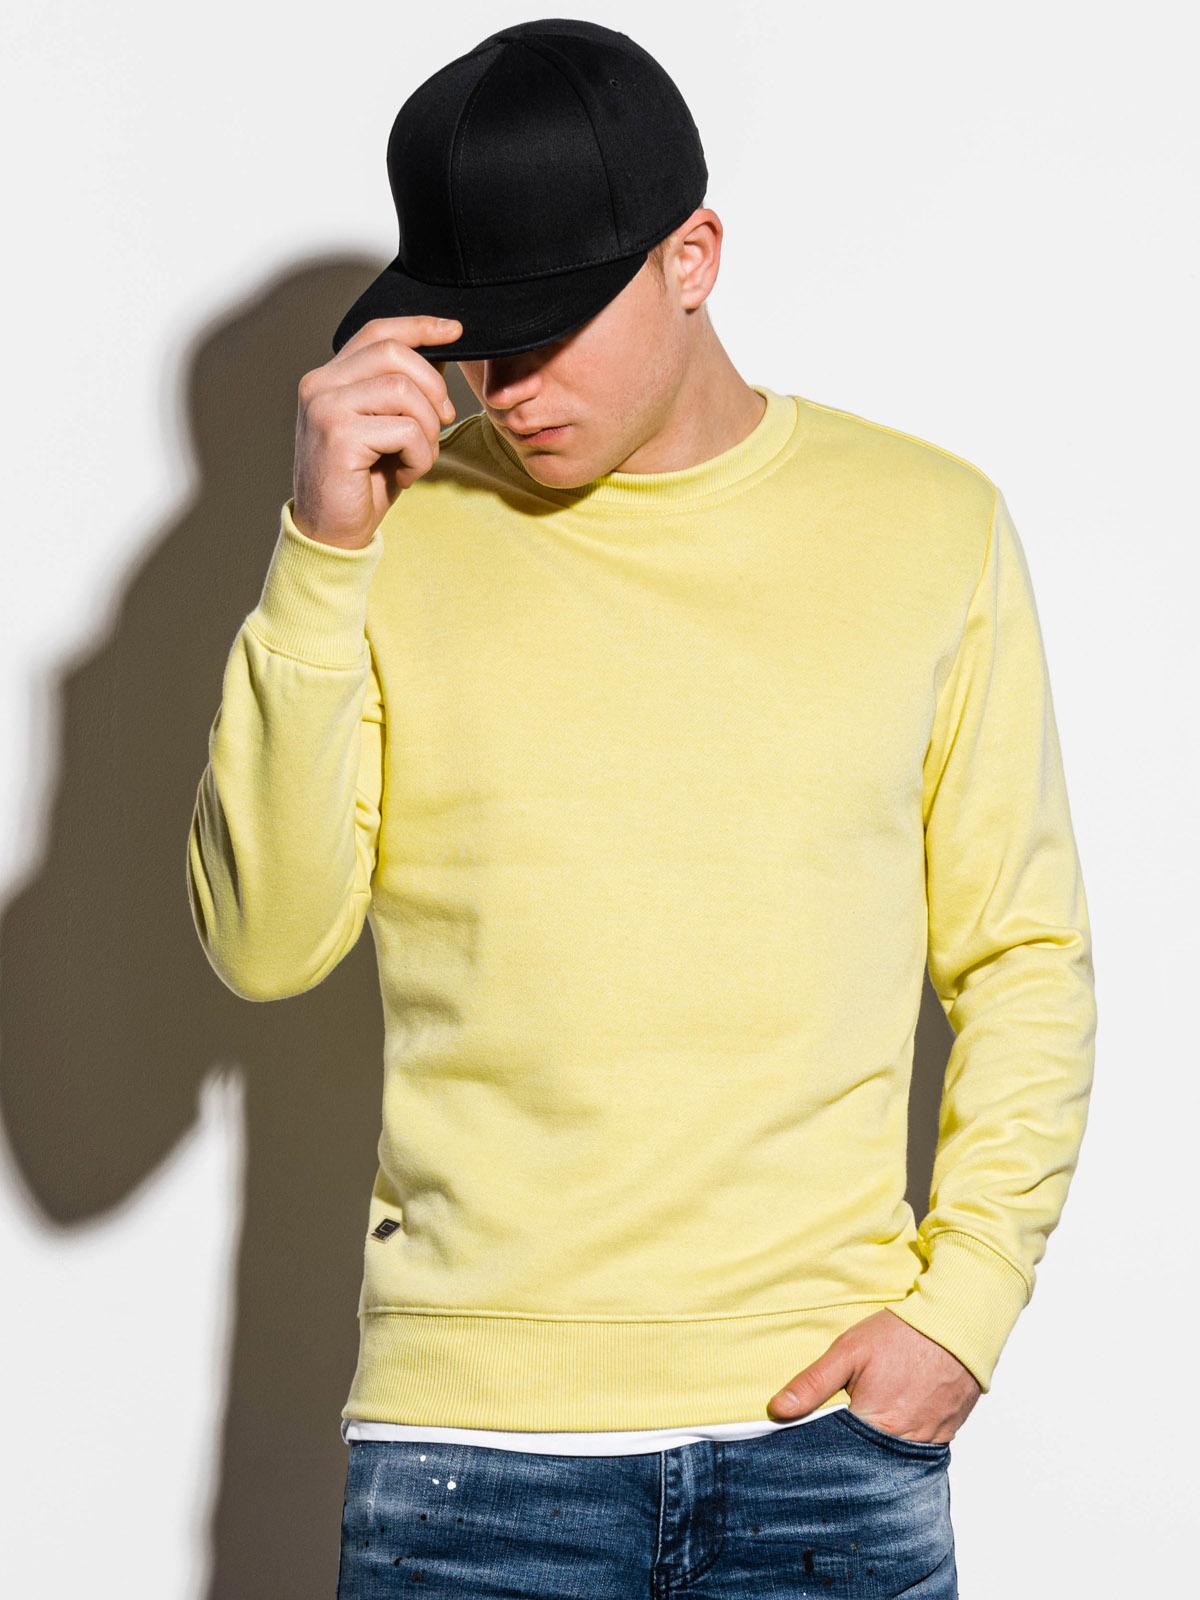 Bluza męska bezkaptura B978 - jasnożółta